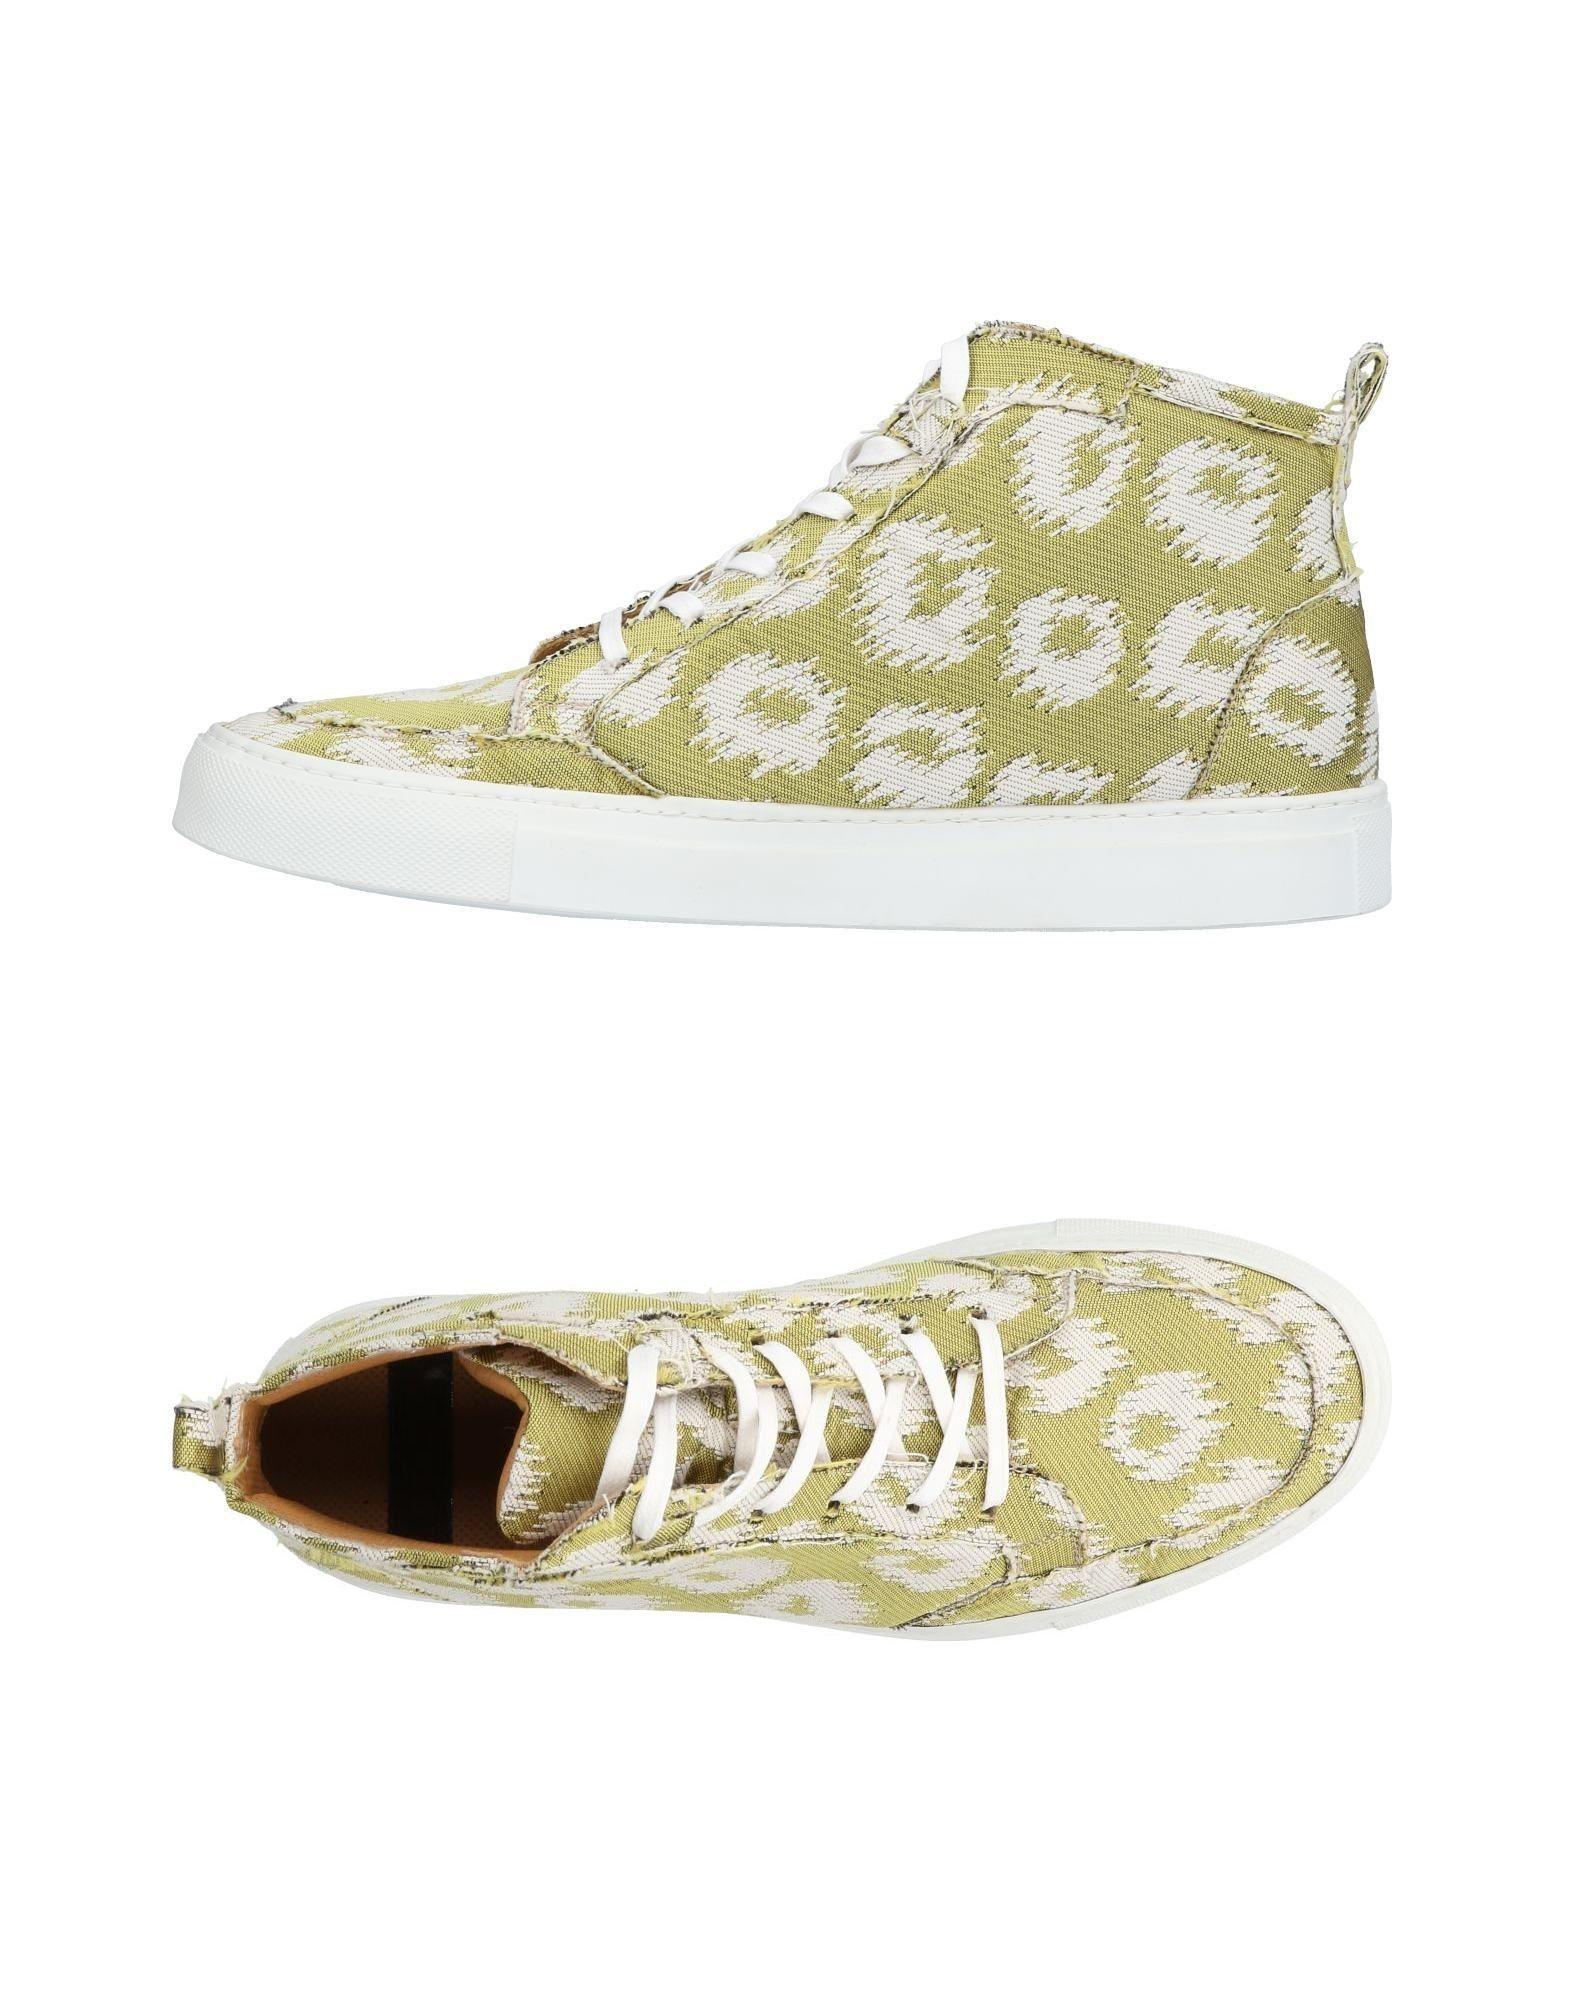 Scarpe economiche e resistenti Sneakers Raparo Uomo - 11142738EB